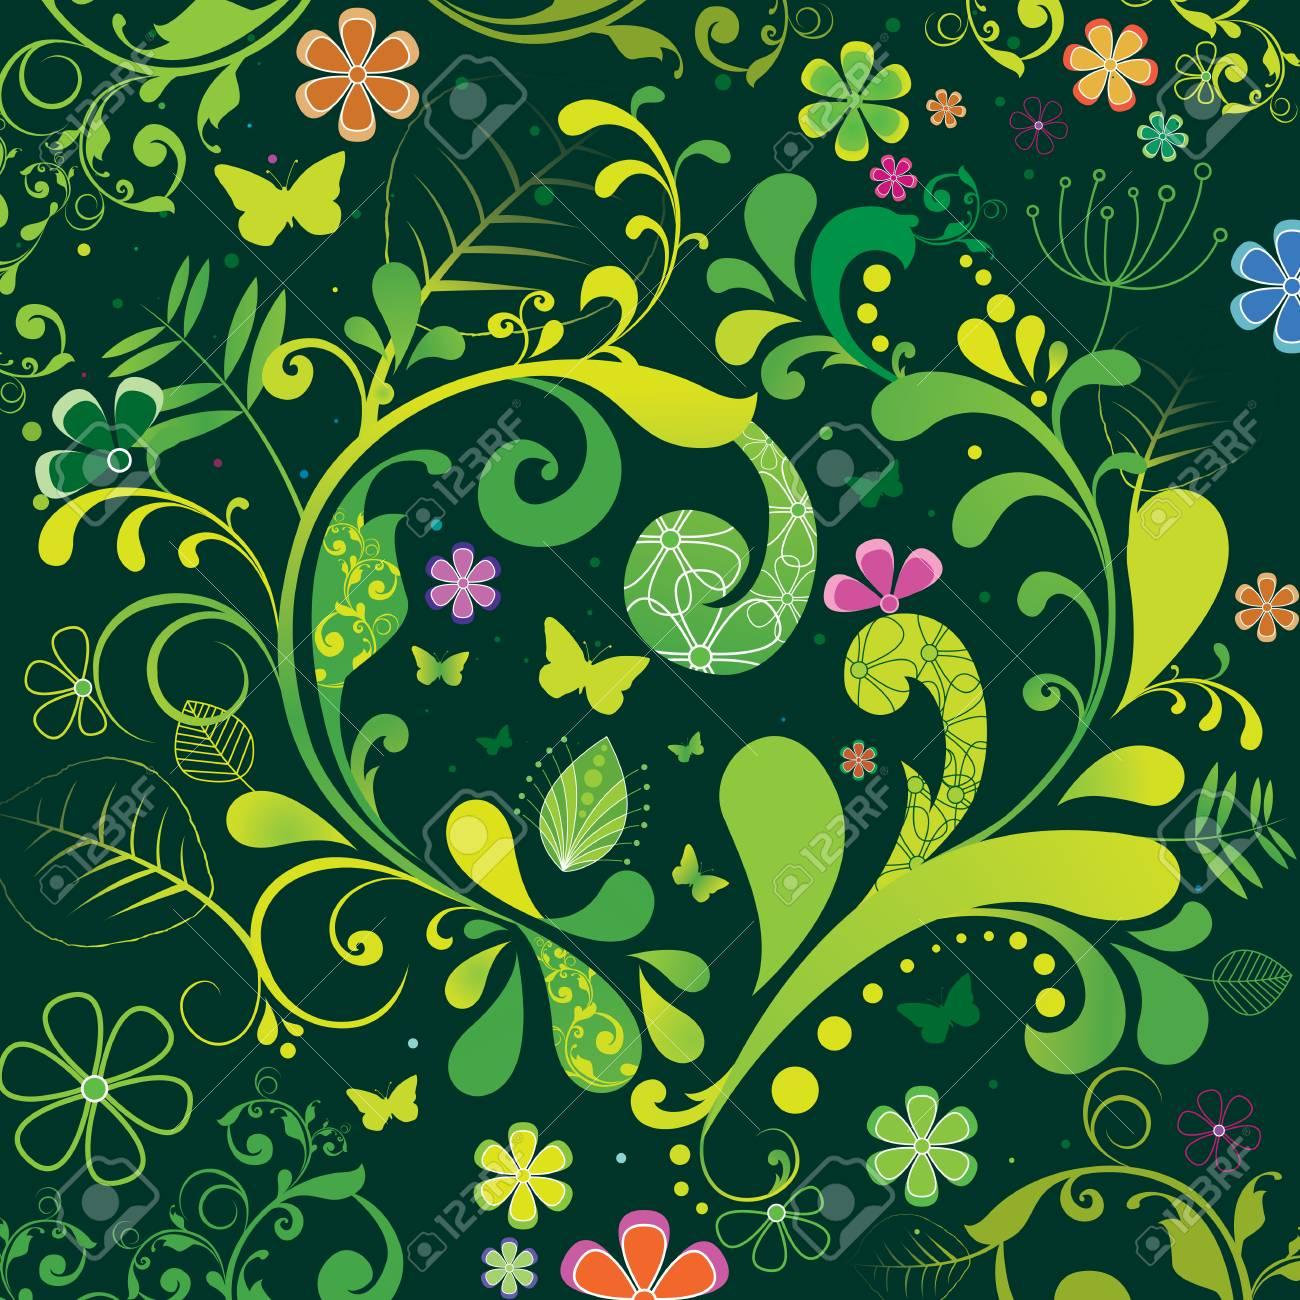 かわいい春イラスト背景 ロイヤリティフリークリップアート、ベクター